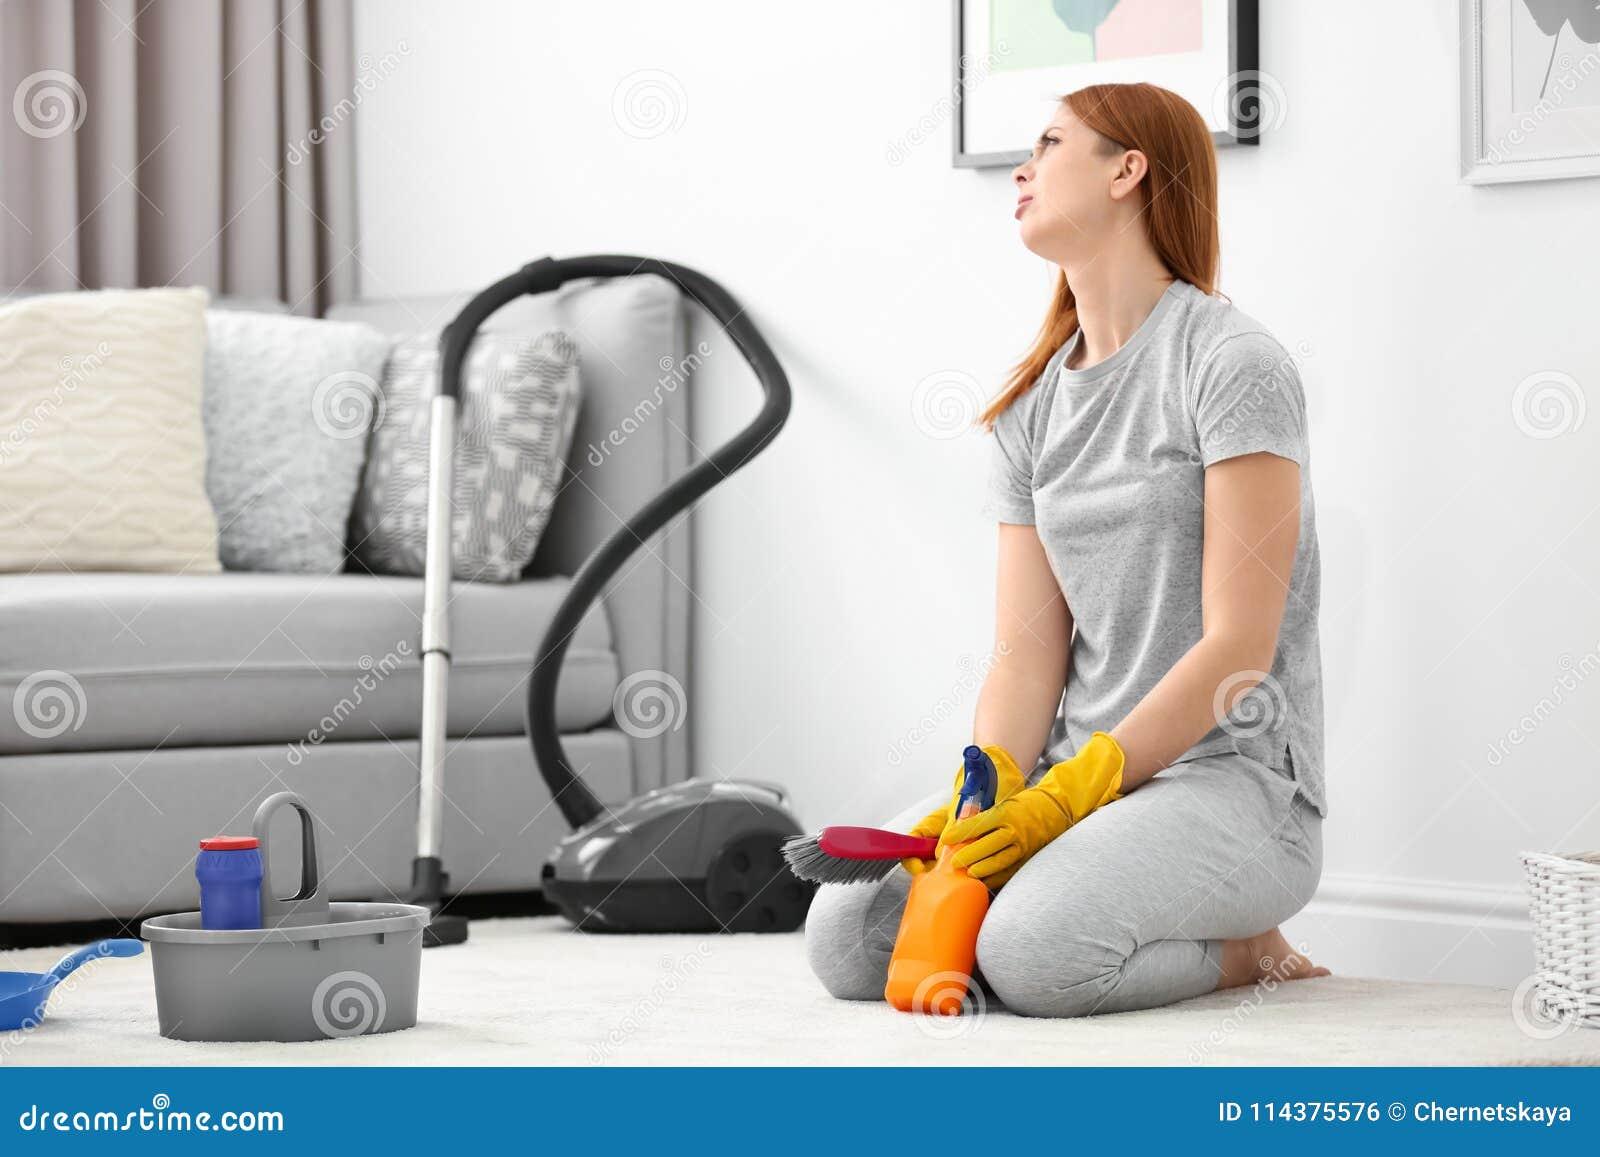 疲乏的主妇清洁地毯